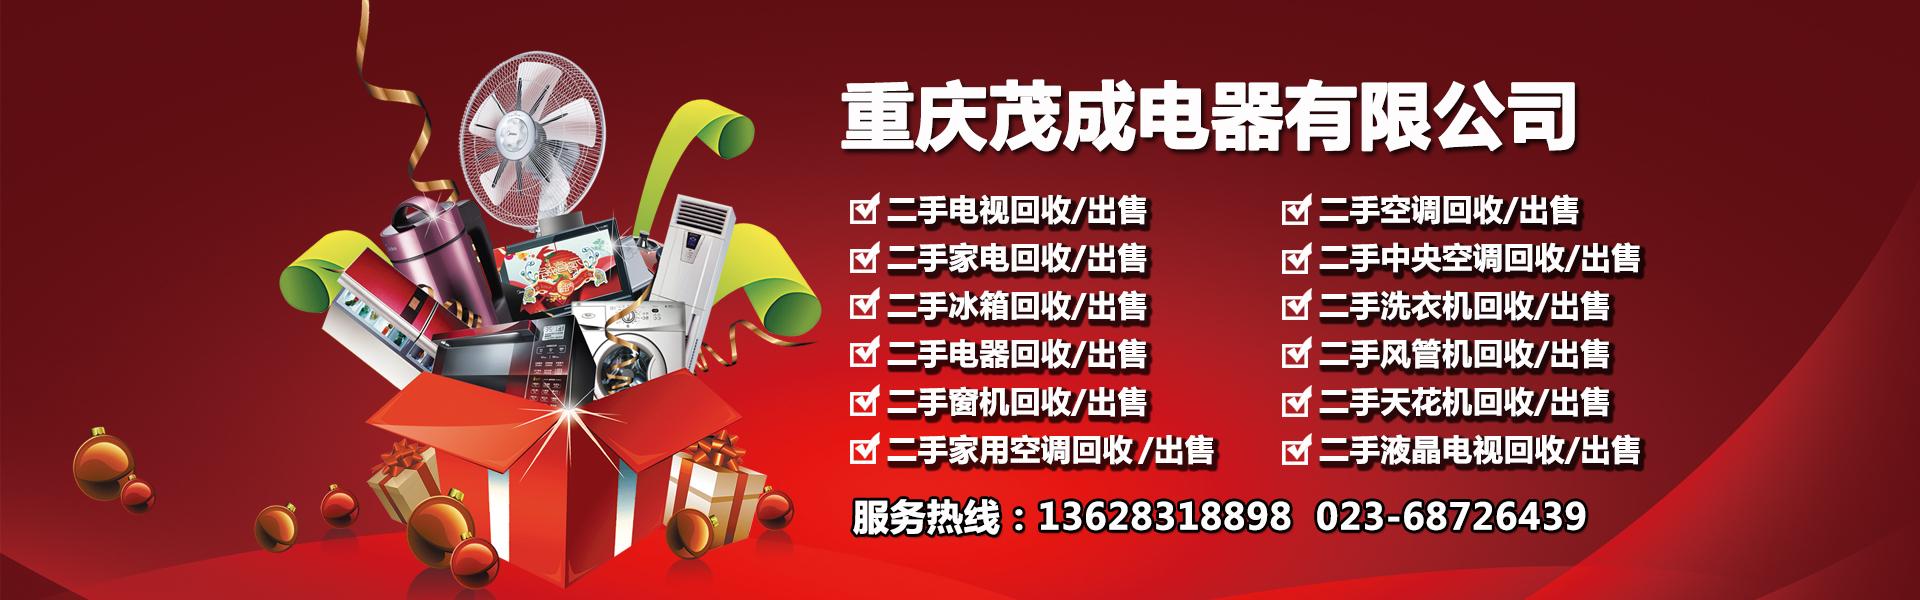 重庆二手家电收受接收办事项目及热线